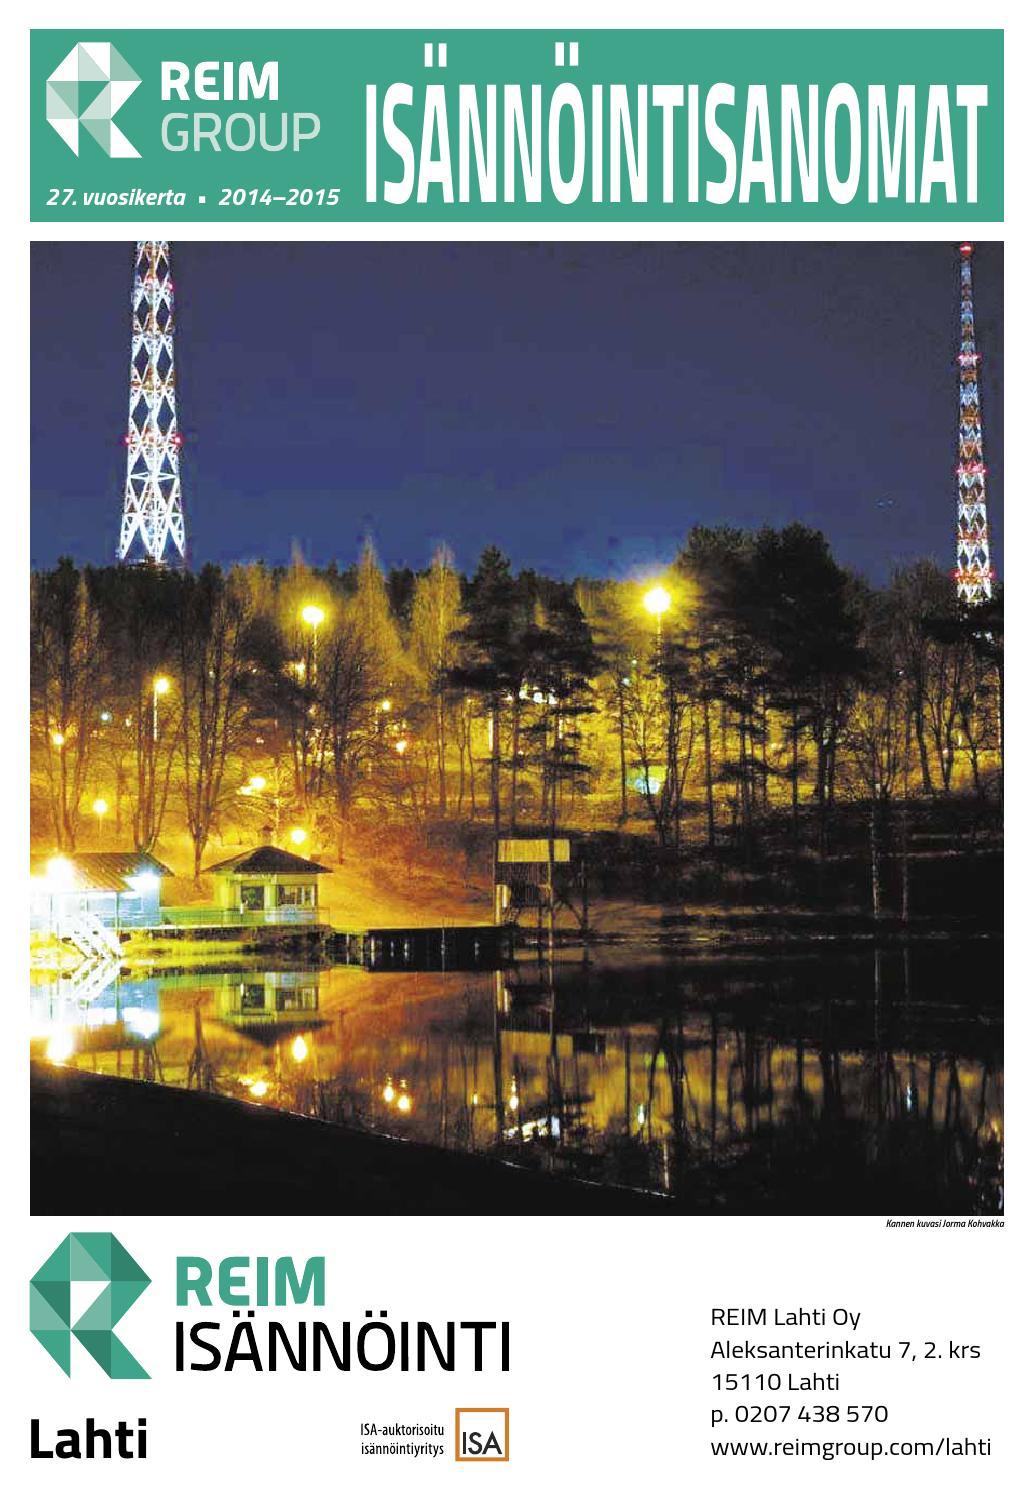 Reim Isännöinti Lahti